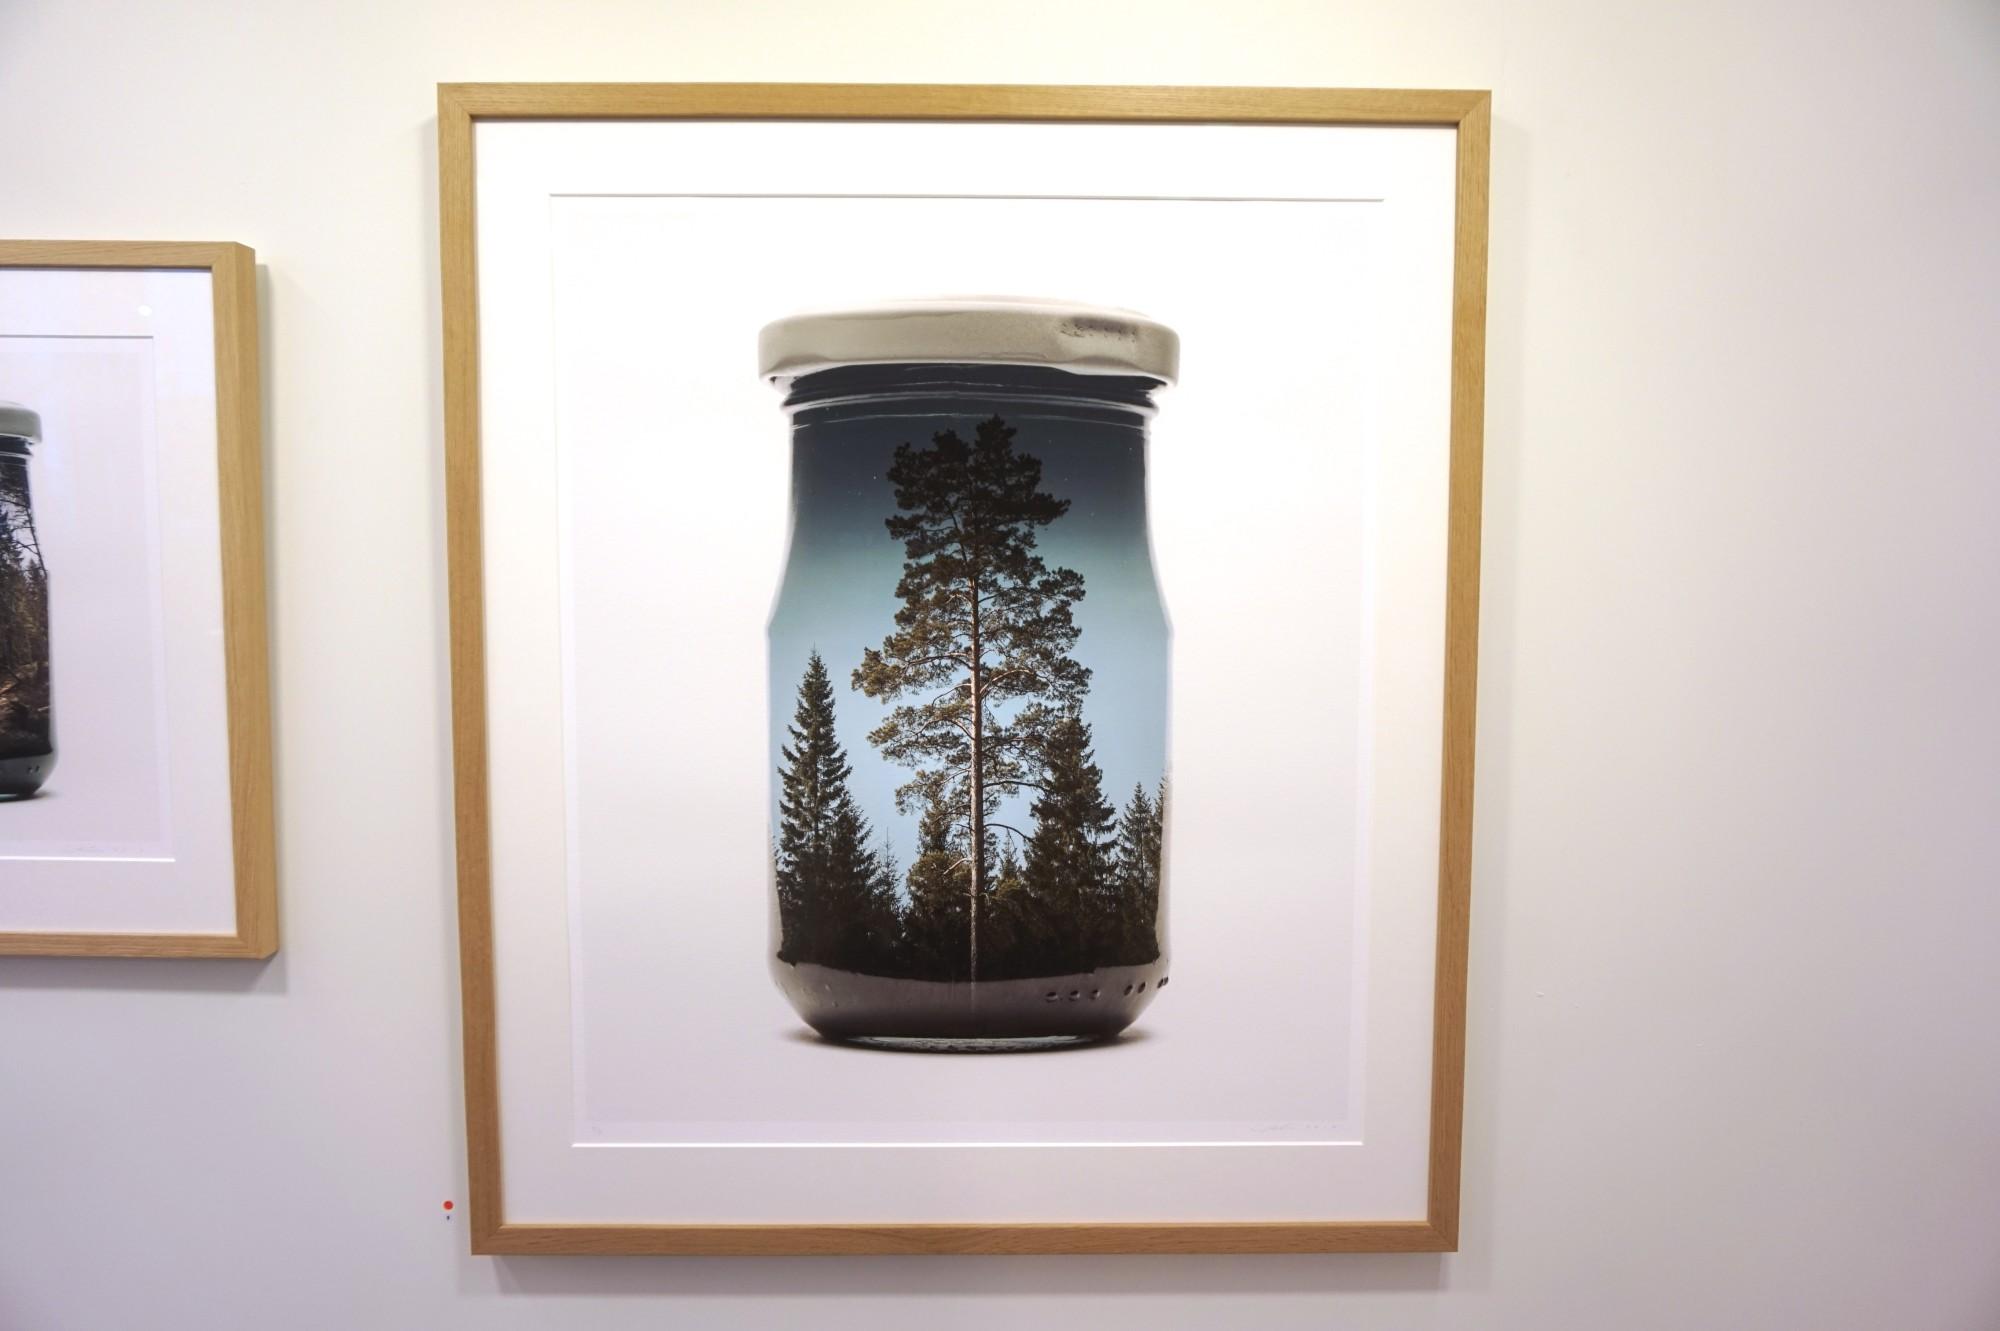 Alternative image for Jarred Pine Tree (Medium)